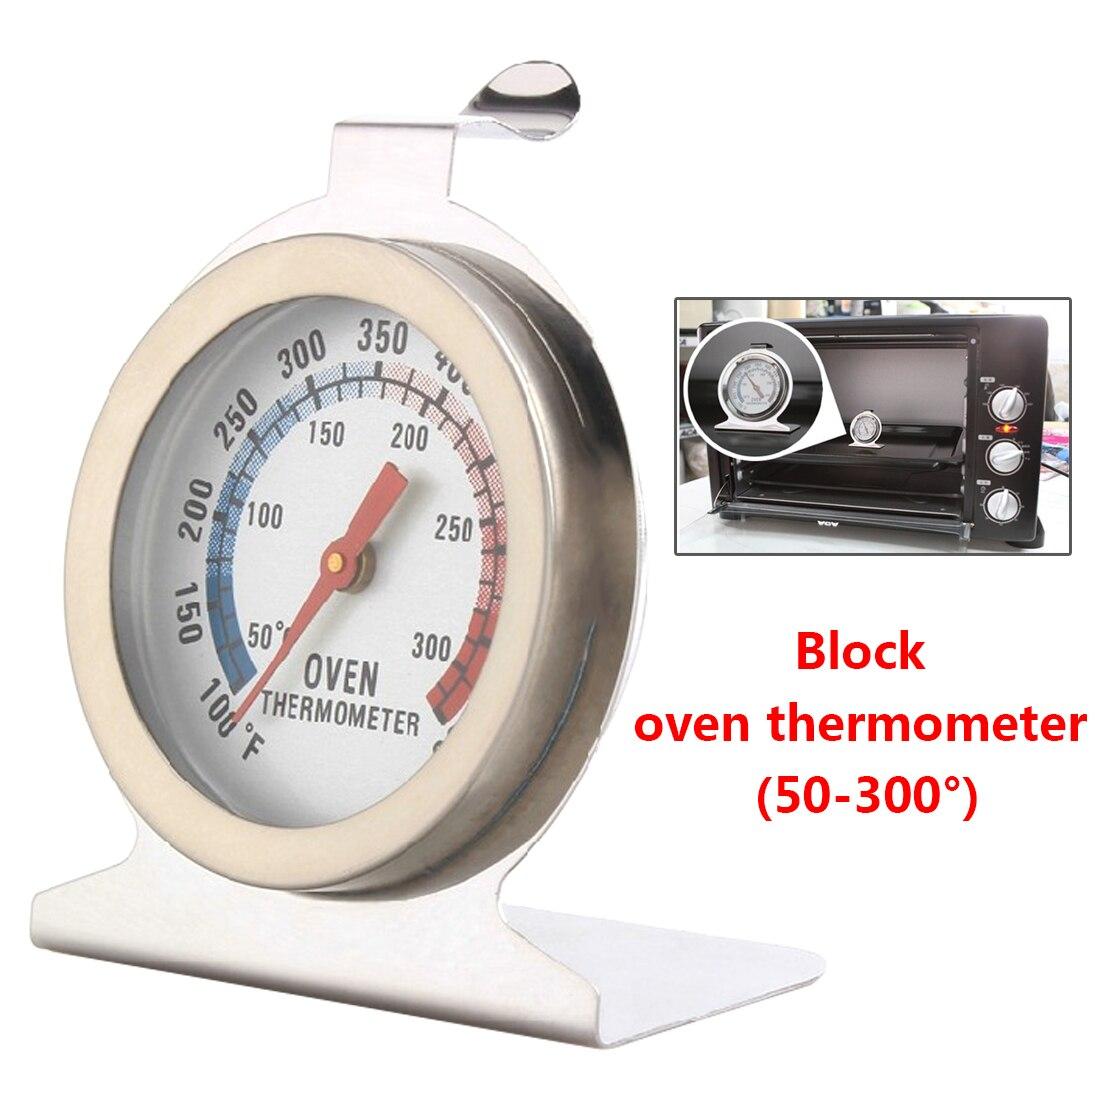 0 Zu 300c Küche Lebensmittel Fleisch Temperatur Stand Up Dial Backofen Thermometer Edelstahl Manometer Gage Große Durchmesser Zifferblatt Backen